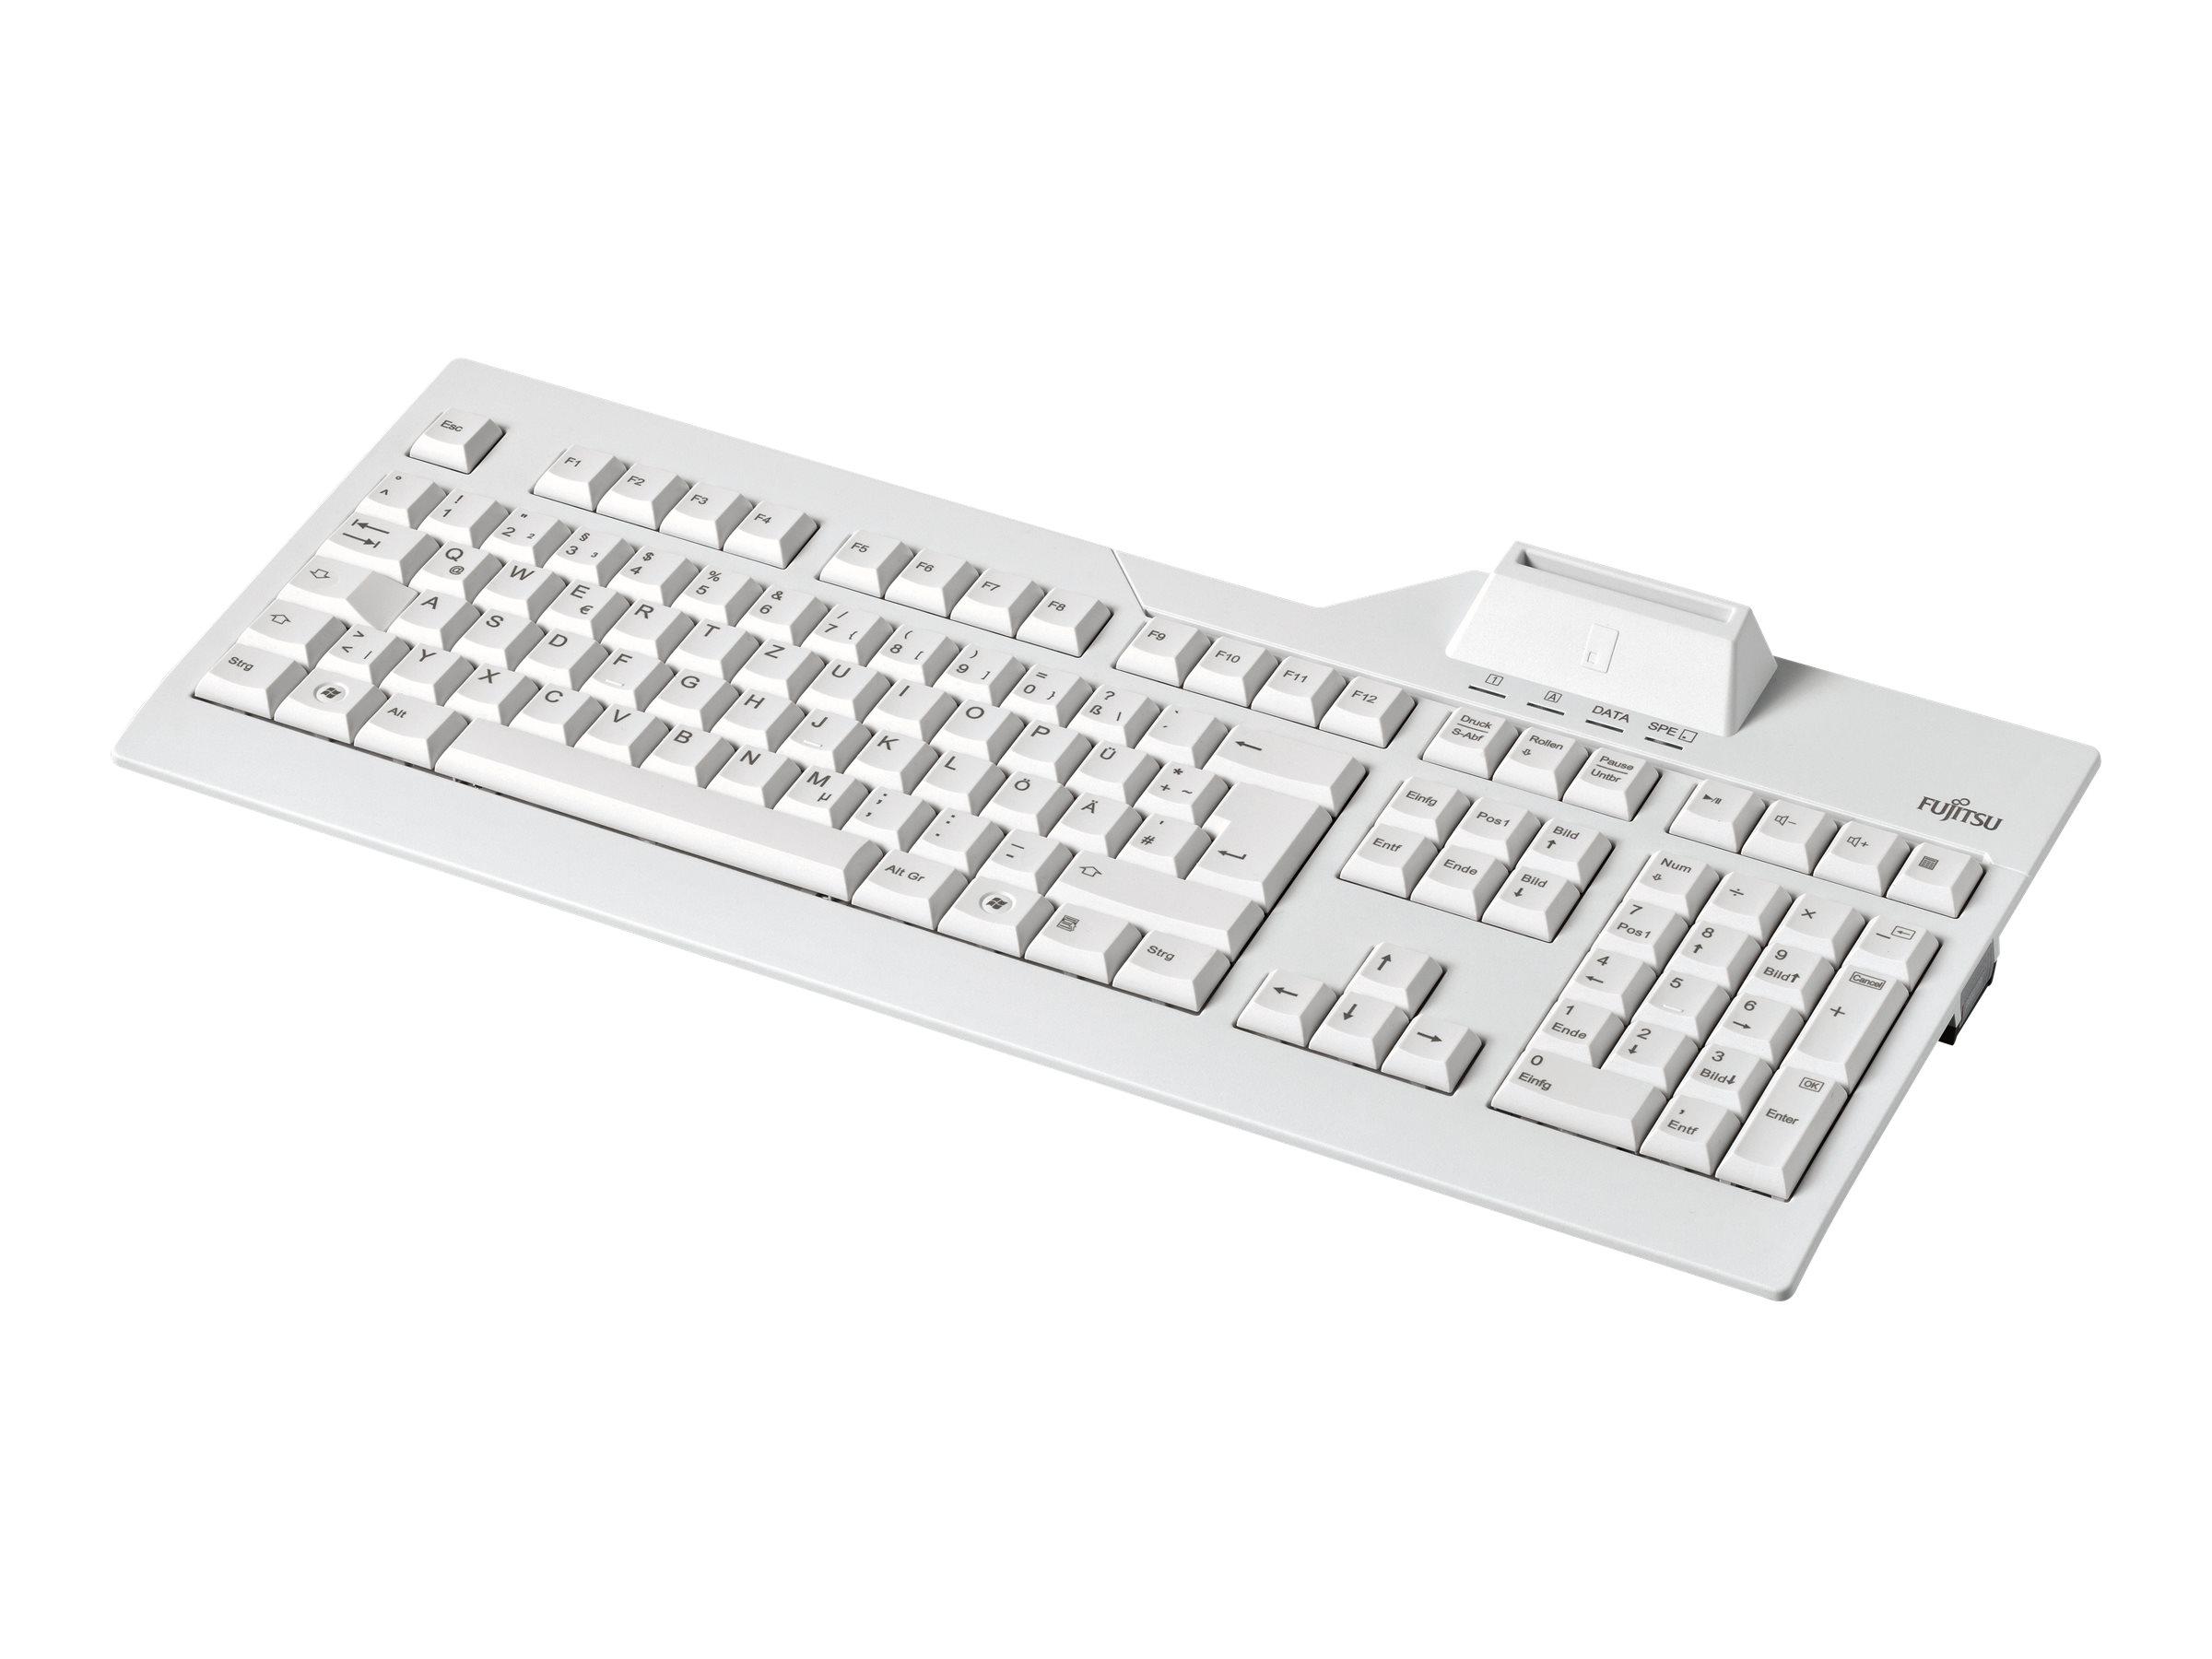 Fujitsu KB 100 SCR eSIG - Tastatur - USB - Deutsch - für Celsius C780, J550, J580, M7010, M770, R970, W580; ESPRIMO D538/E94, D9